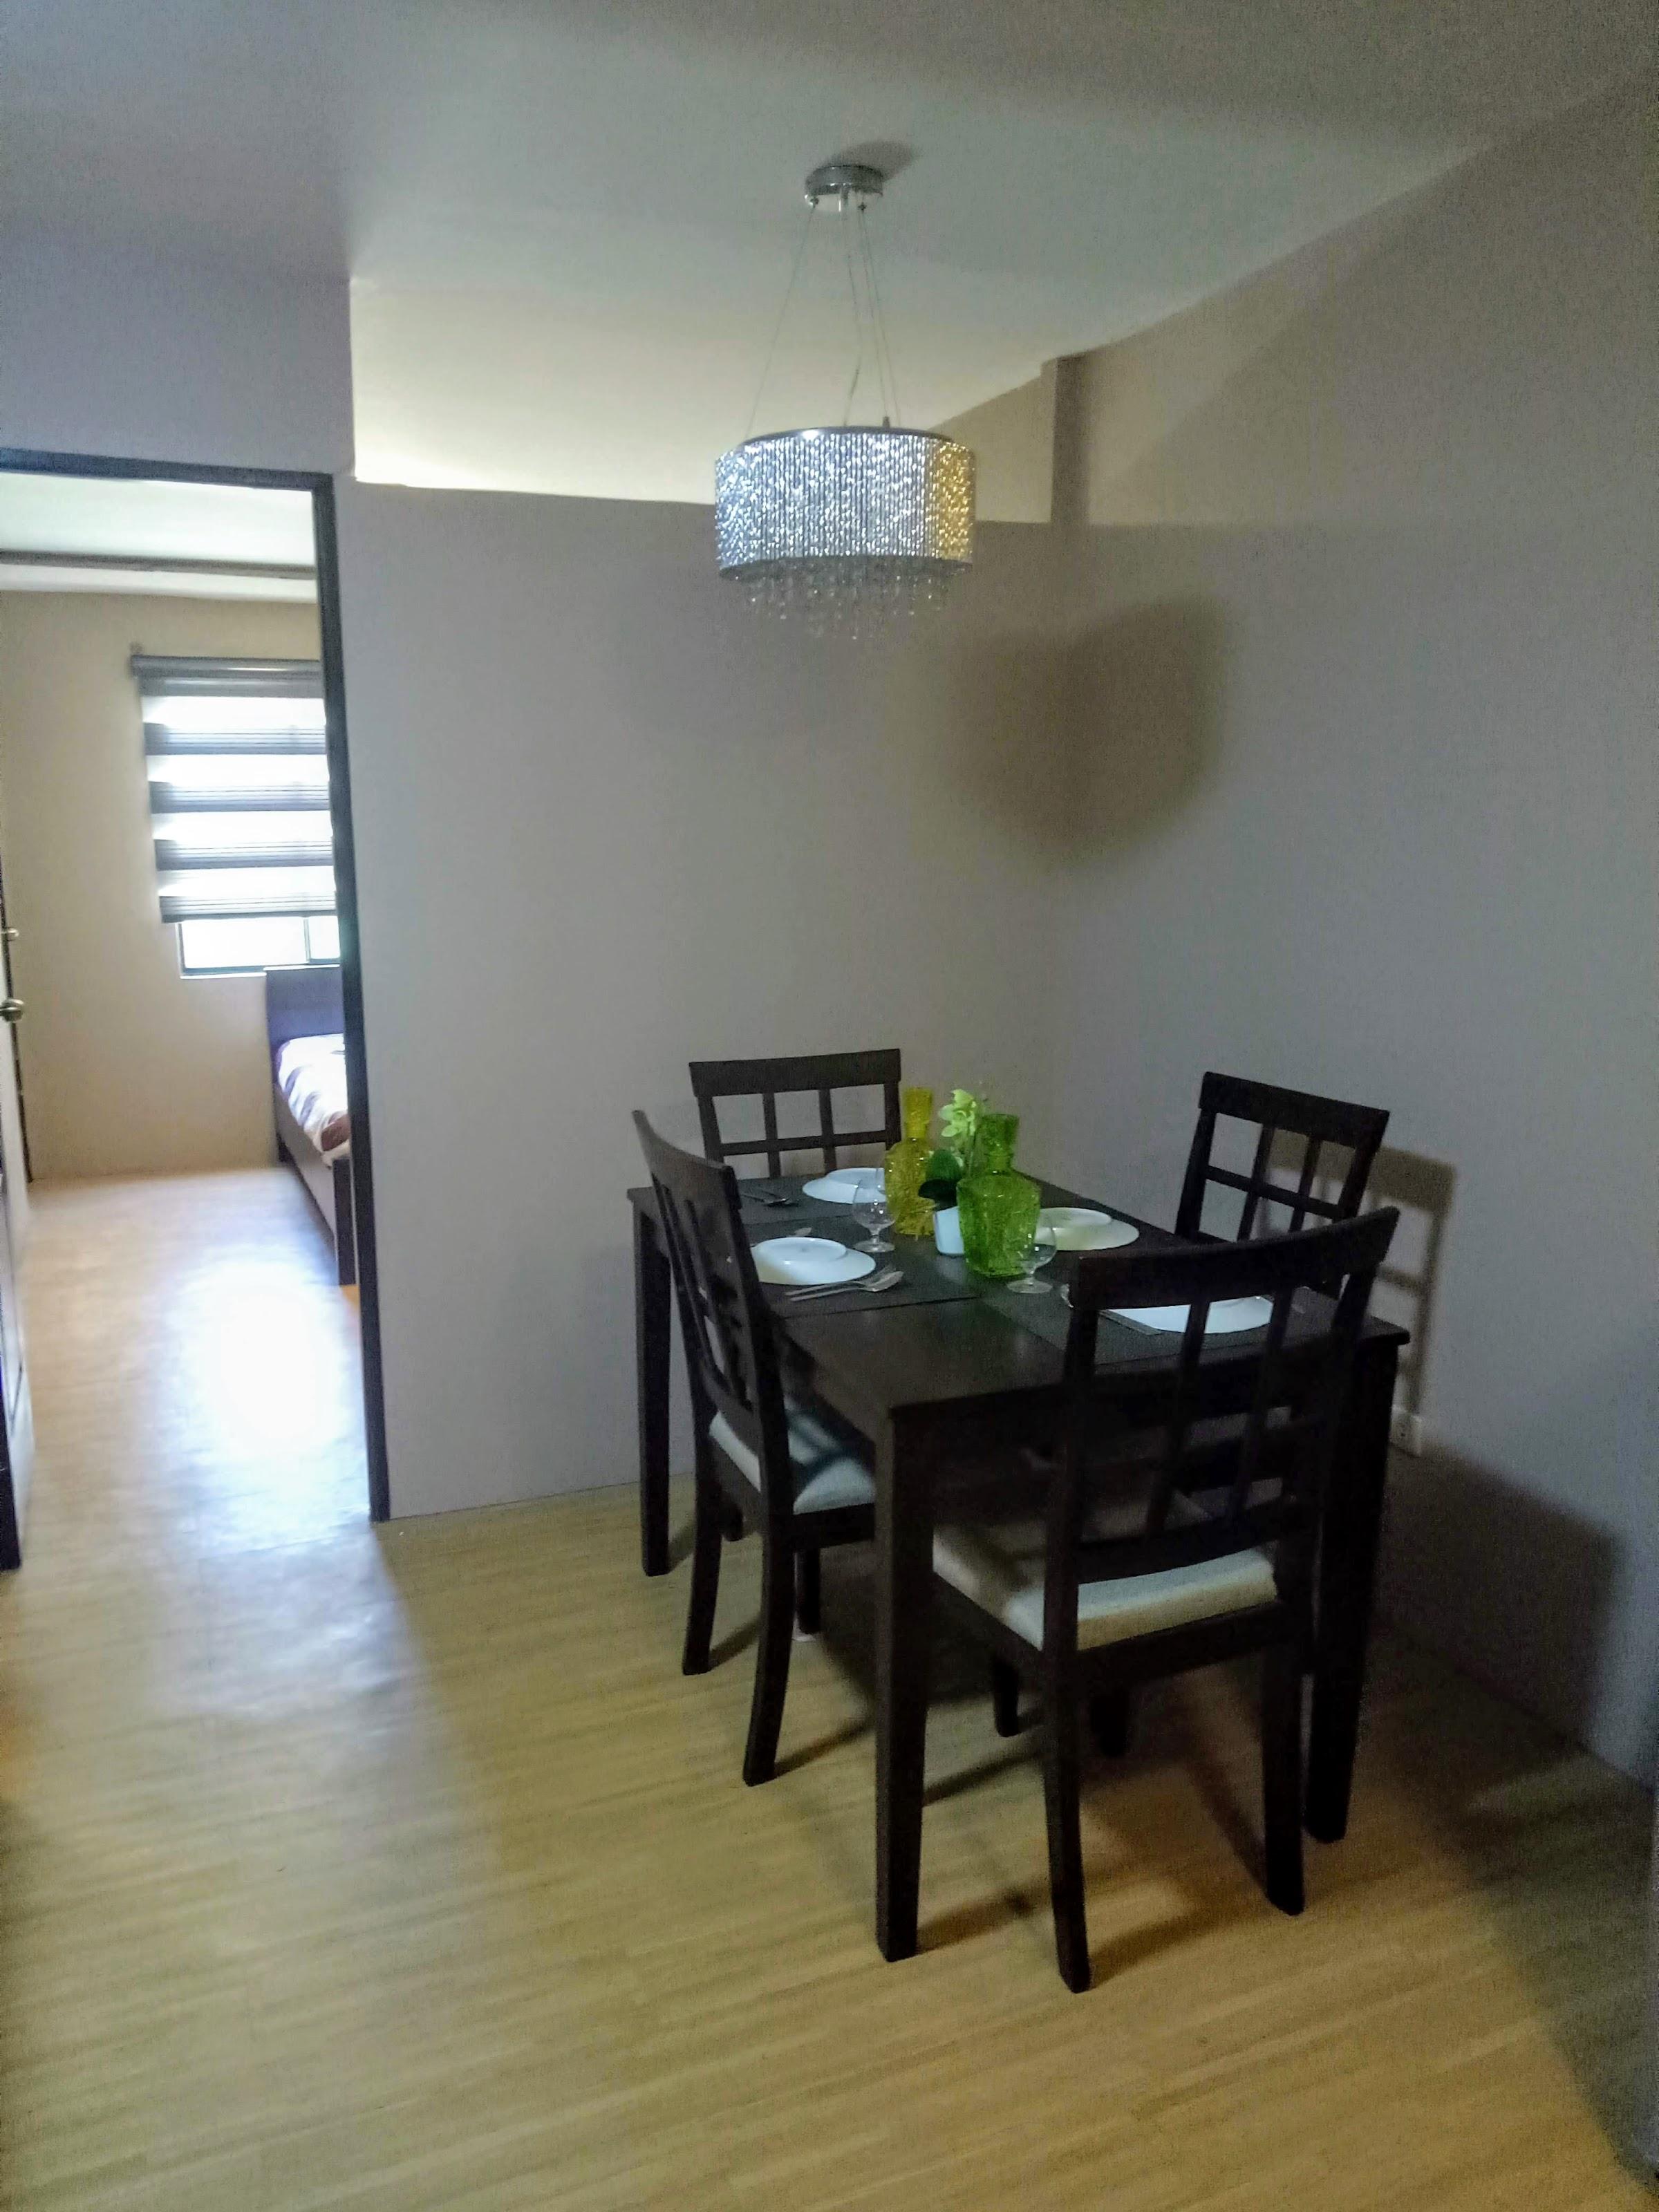 Urban Deca Homes Marilao, Bulacan 2 bedroom dining area